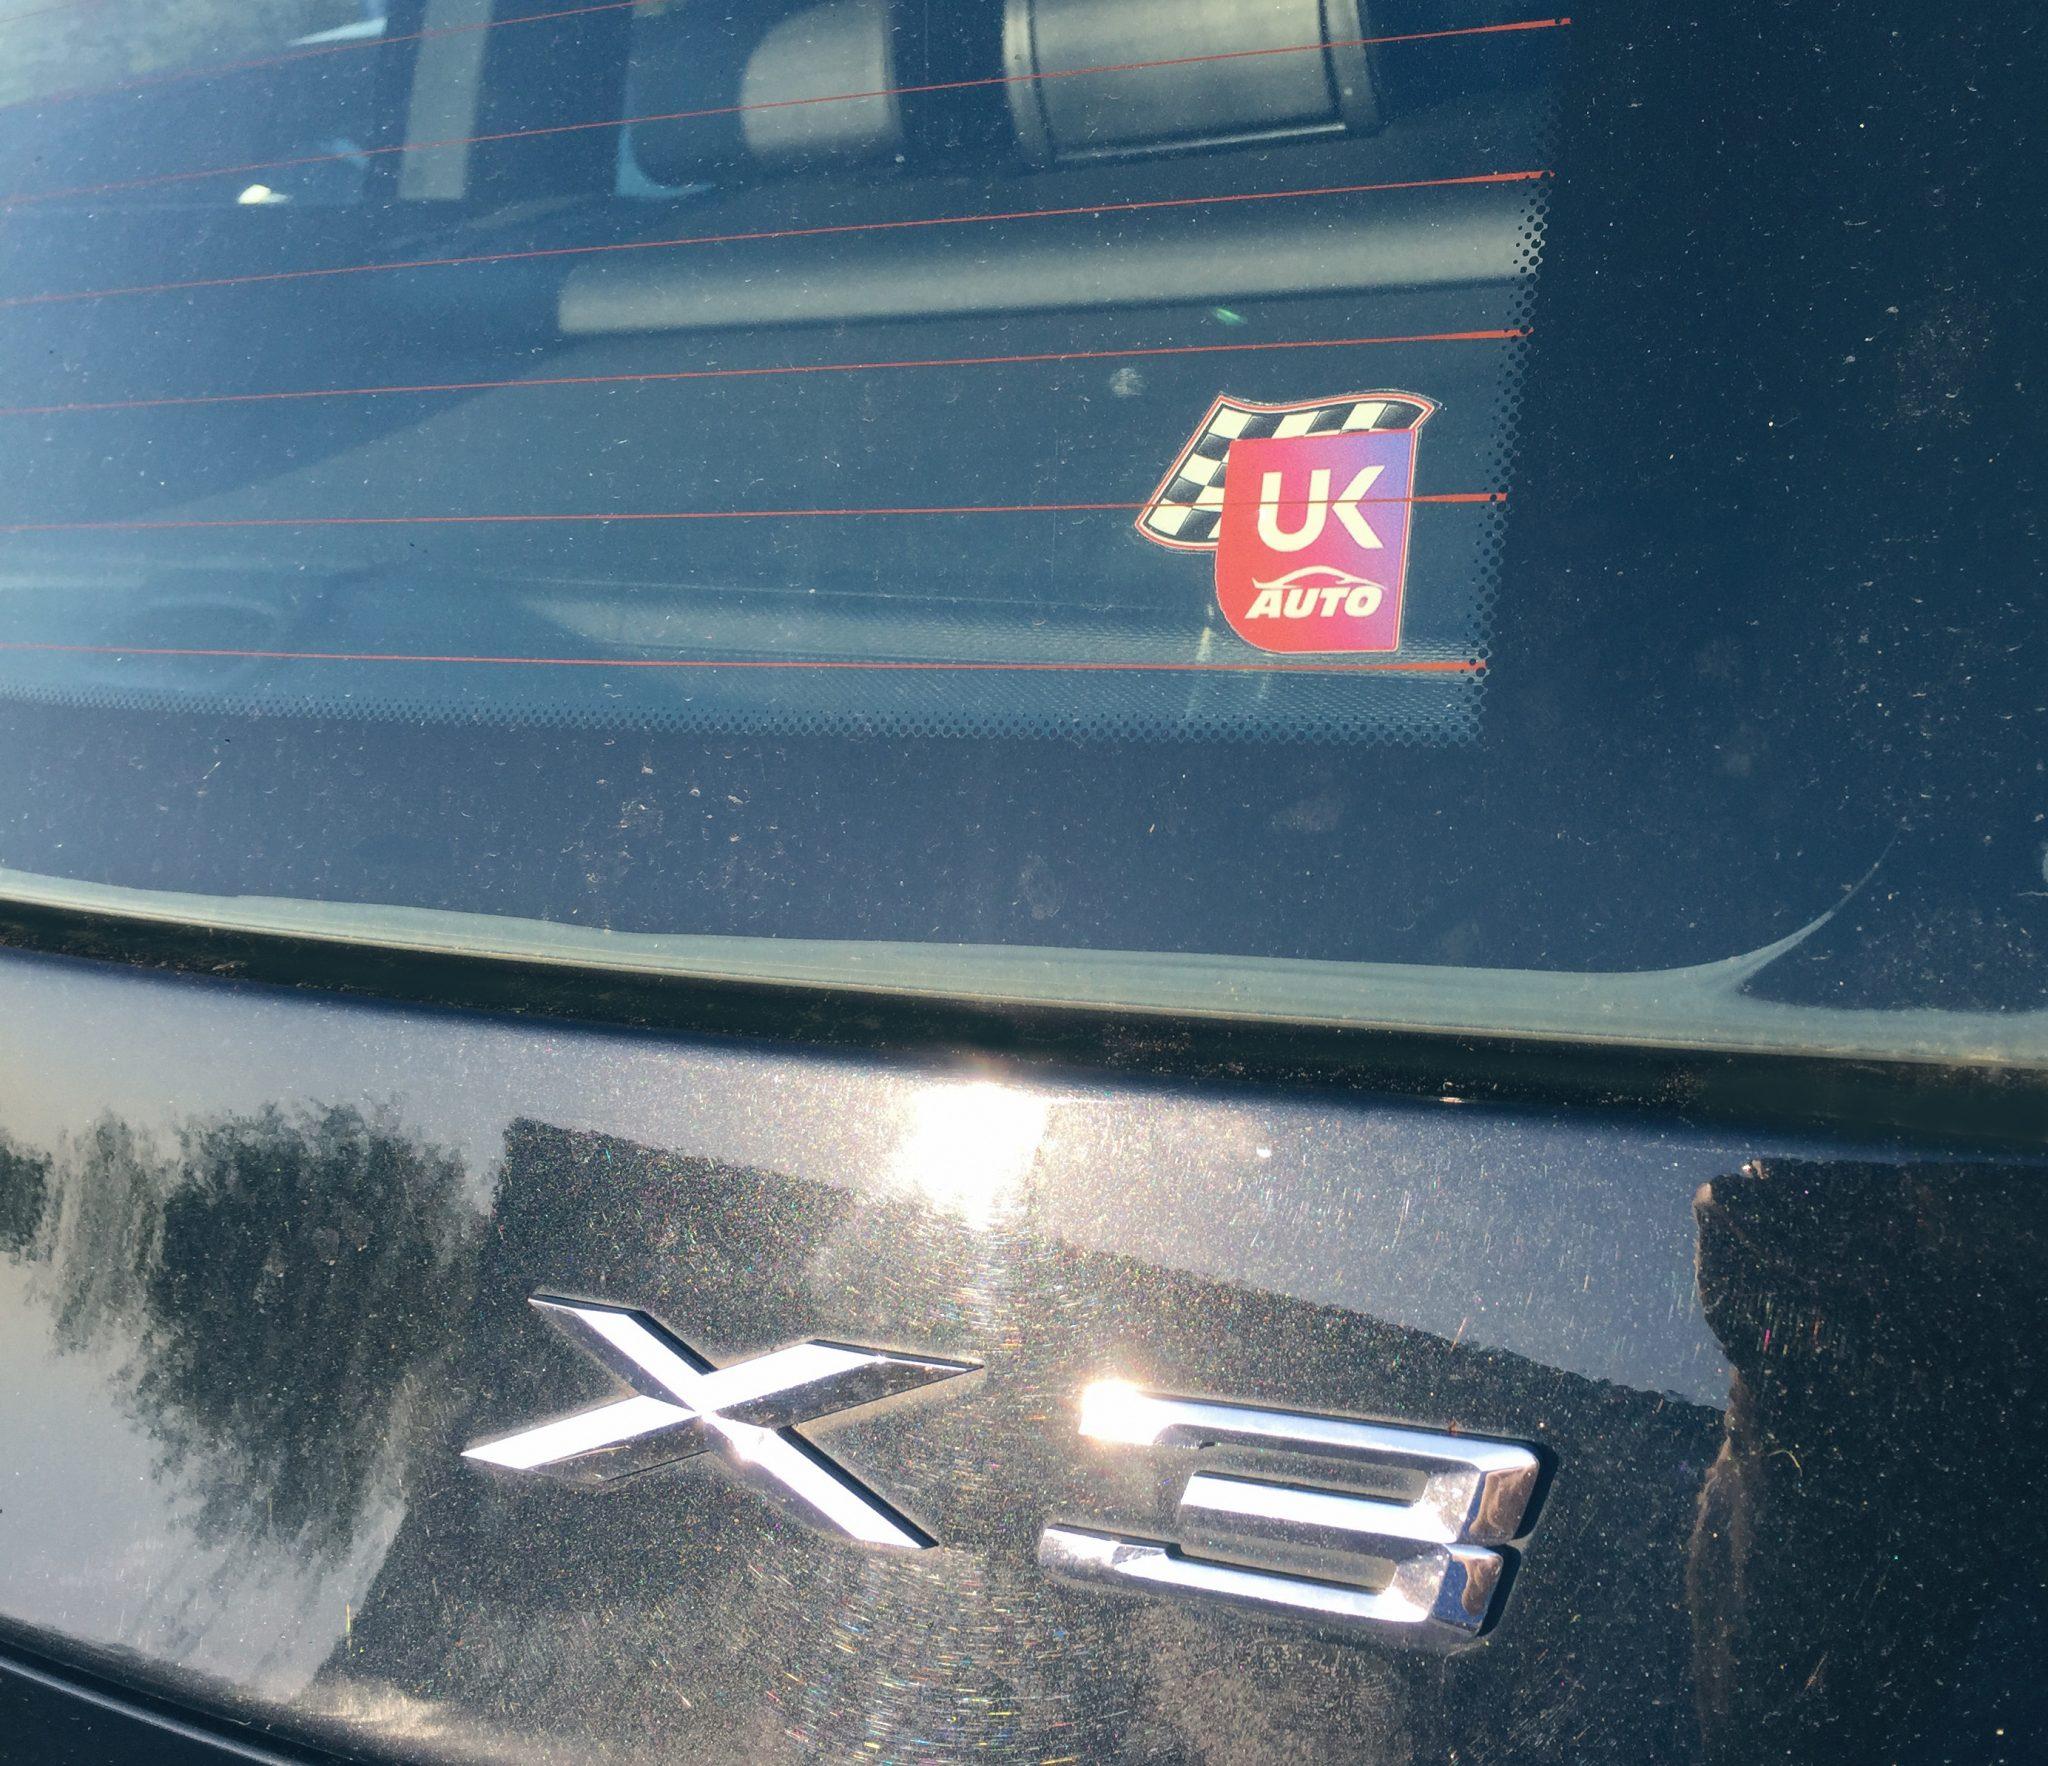 IMG 7753 copy - Magnifique BMW RHD BMW X3 3.0 UKAUTO votre Mandataire automobile au royaume uni